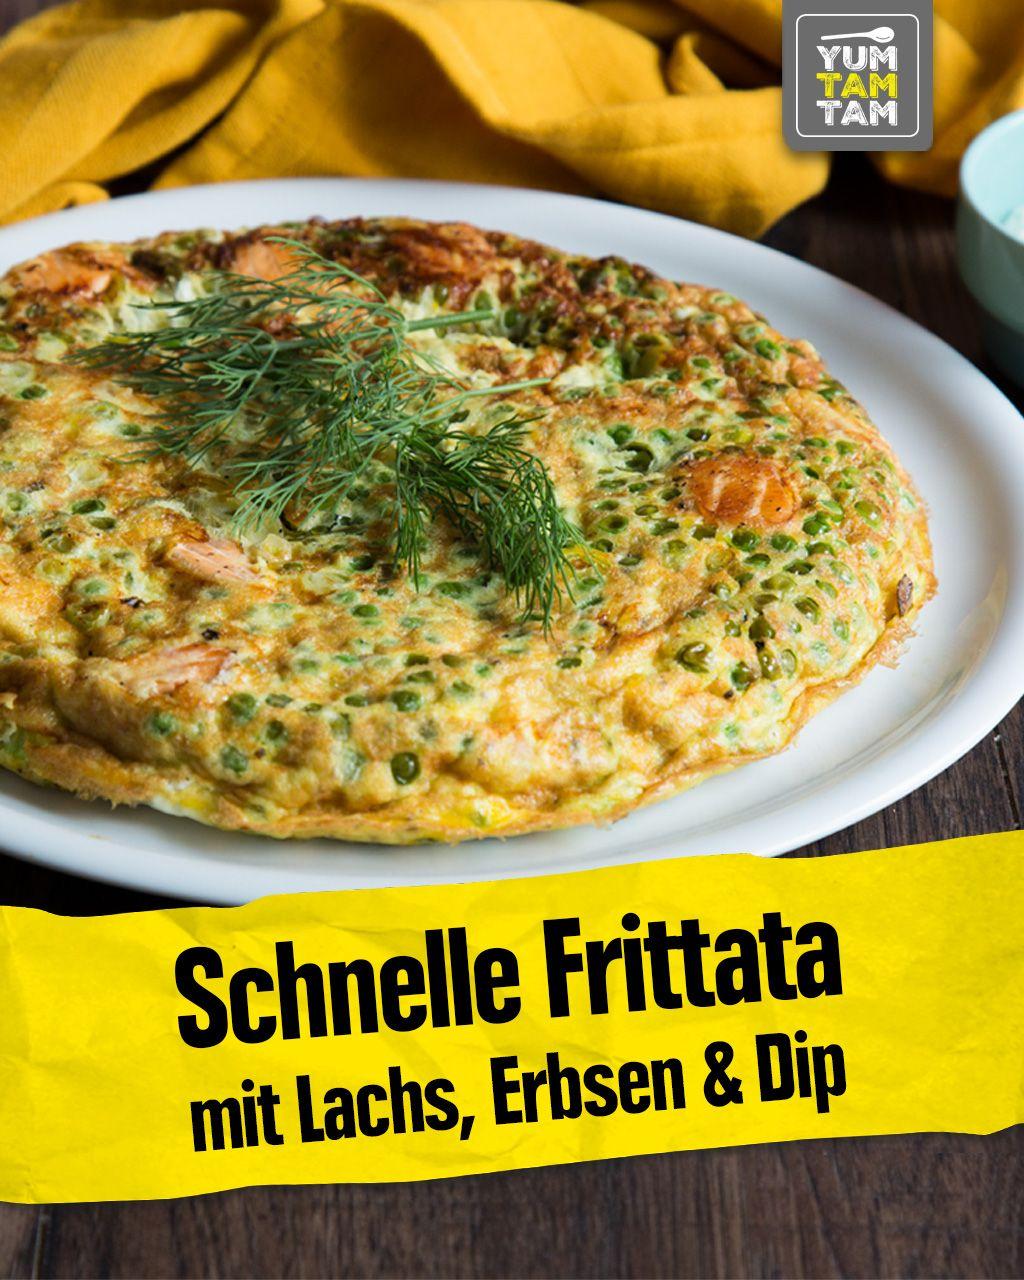 Schnelle Frittata mit Lachs, Erbsen & Dip